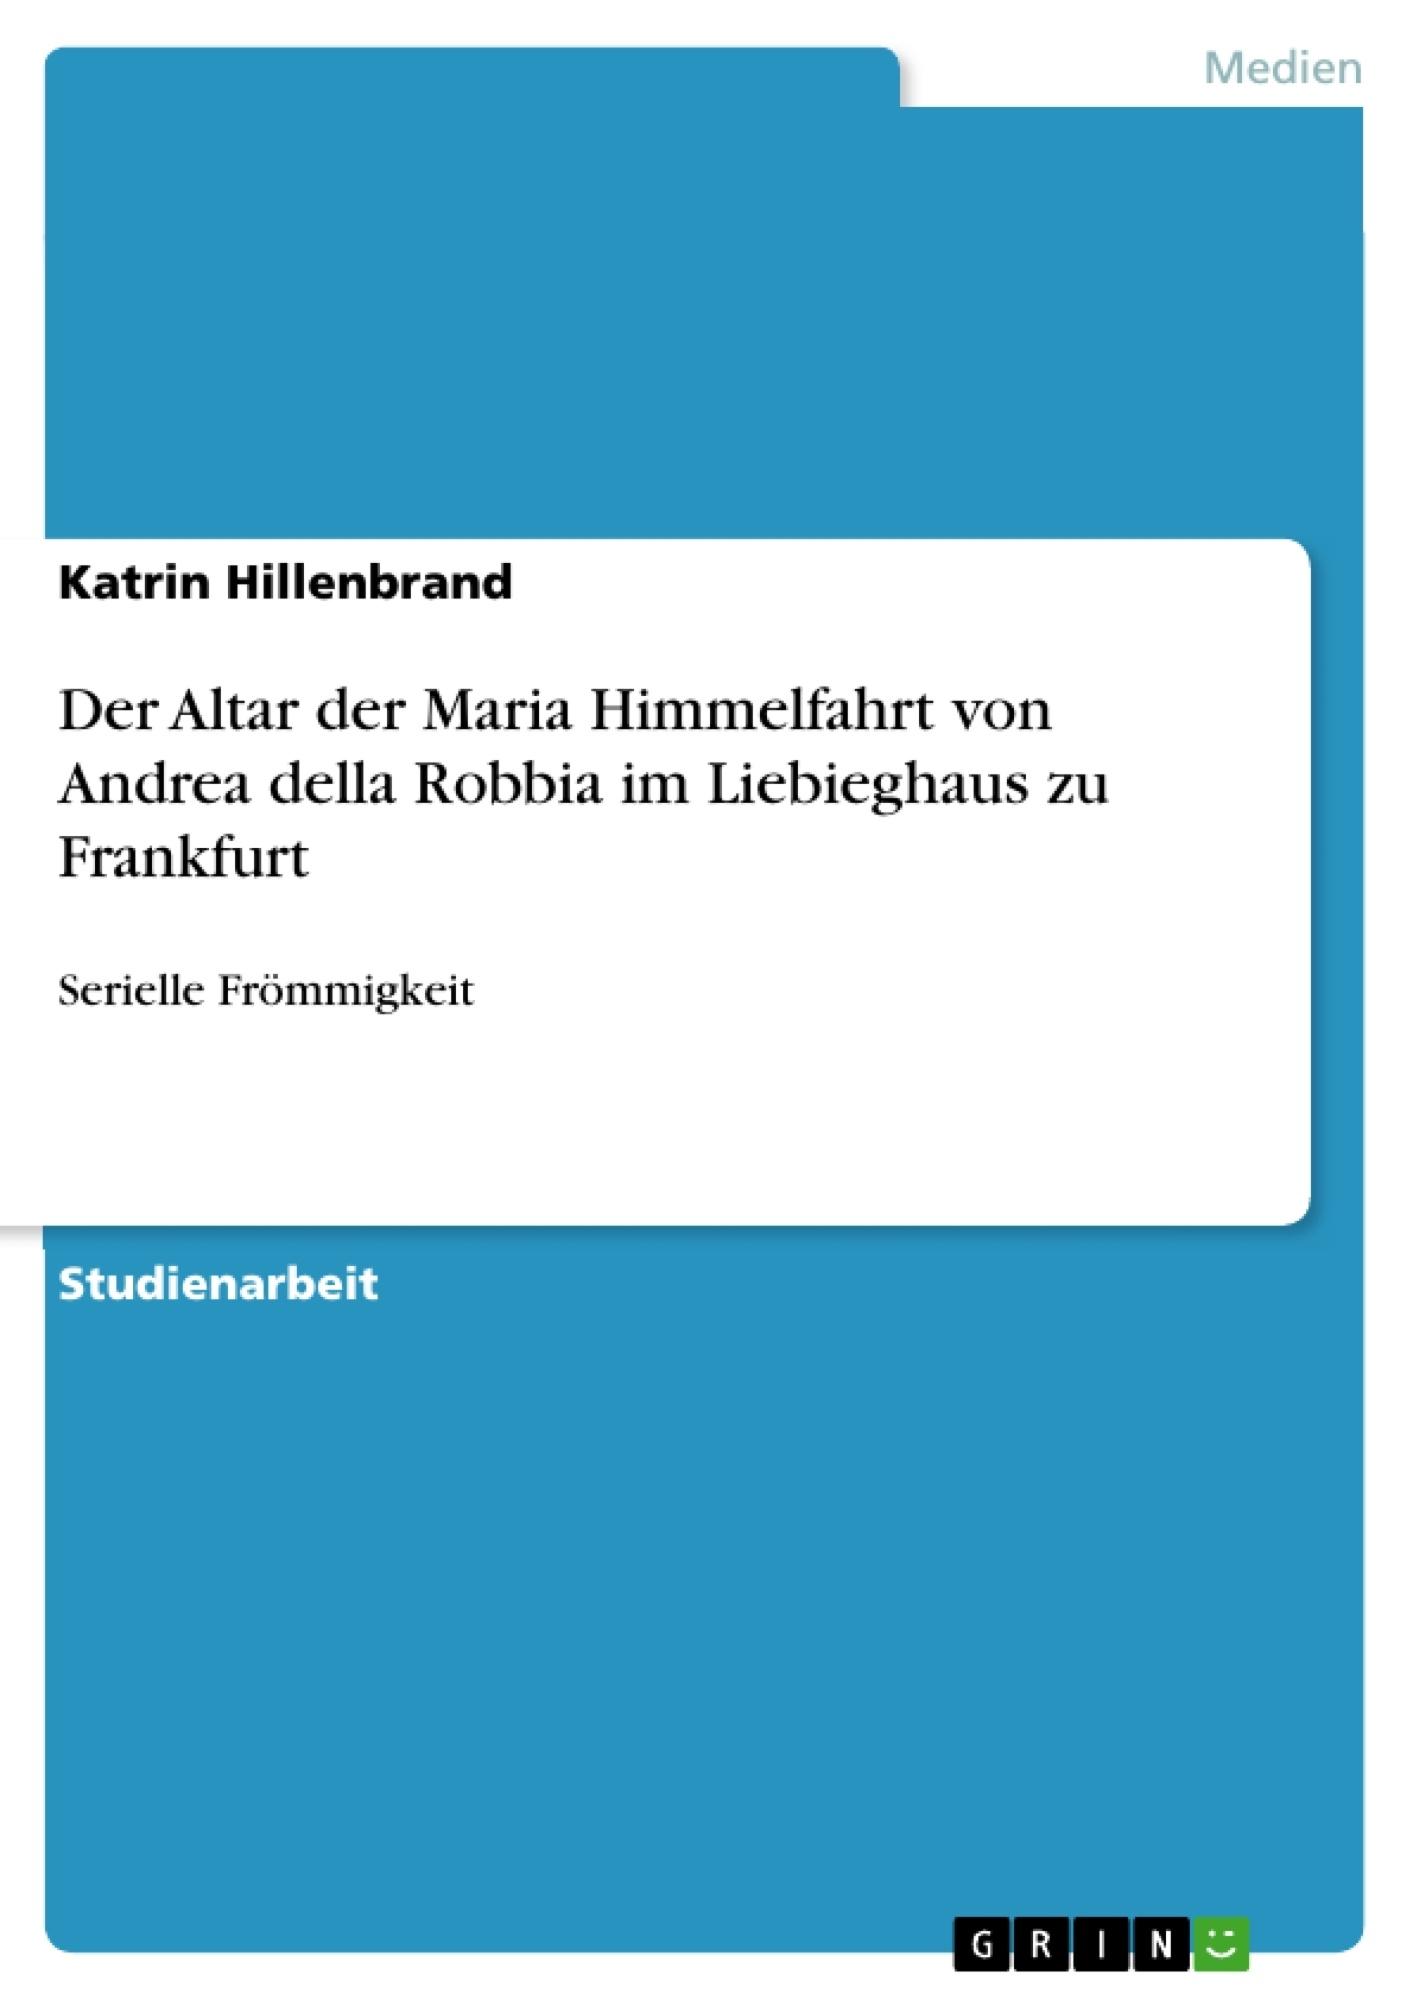 Titel: Der Altar der Maria Himmelfahrt von Andrea della Robbia im Liebieghaus zu Frankfurt